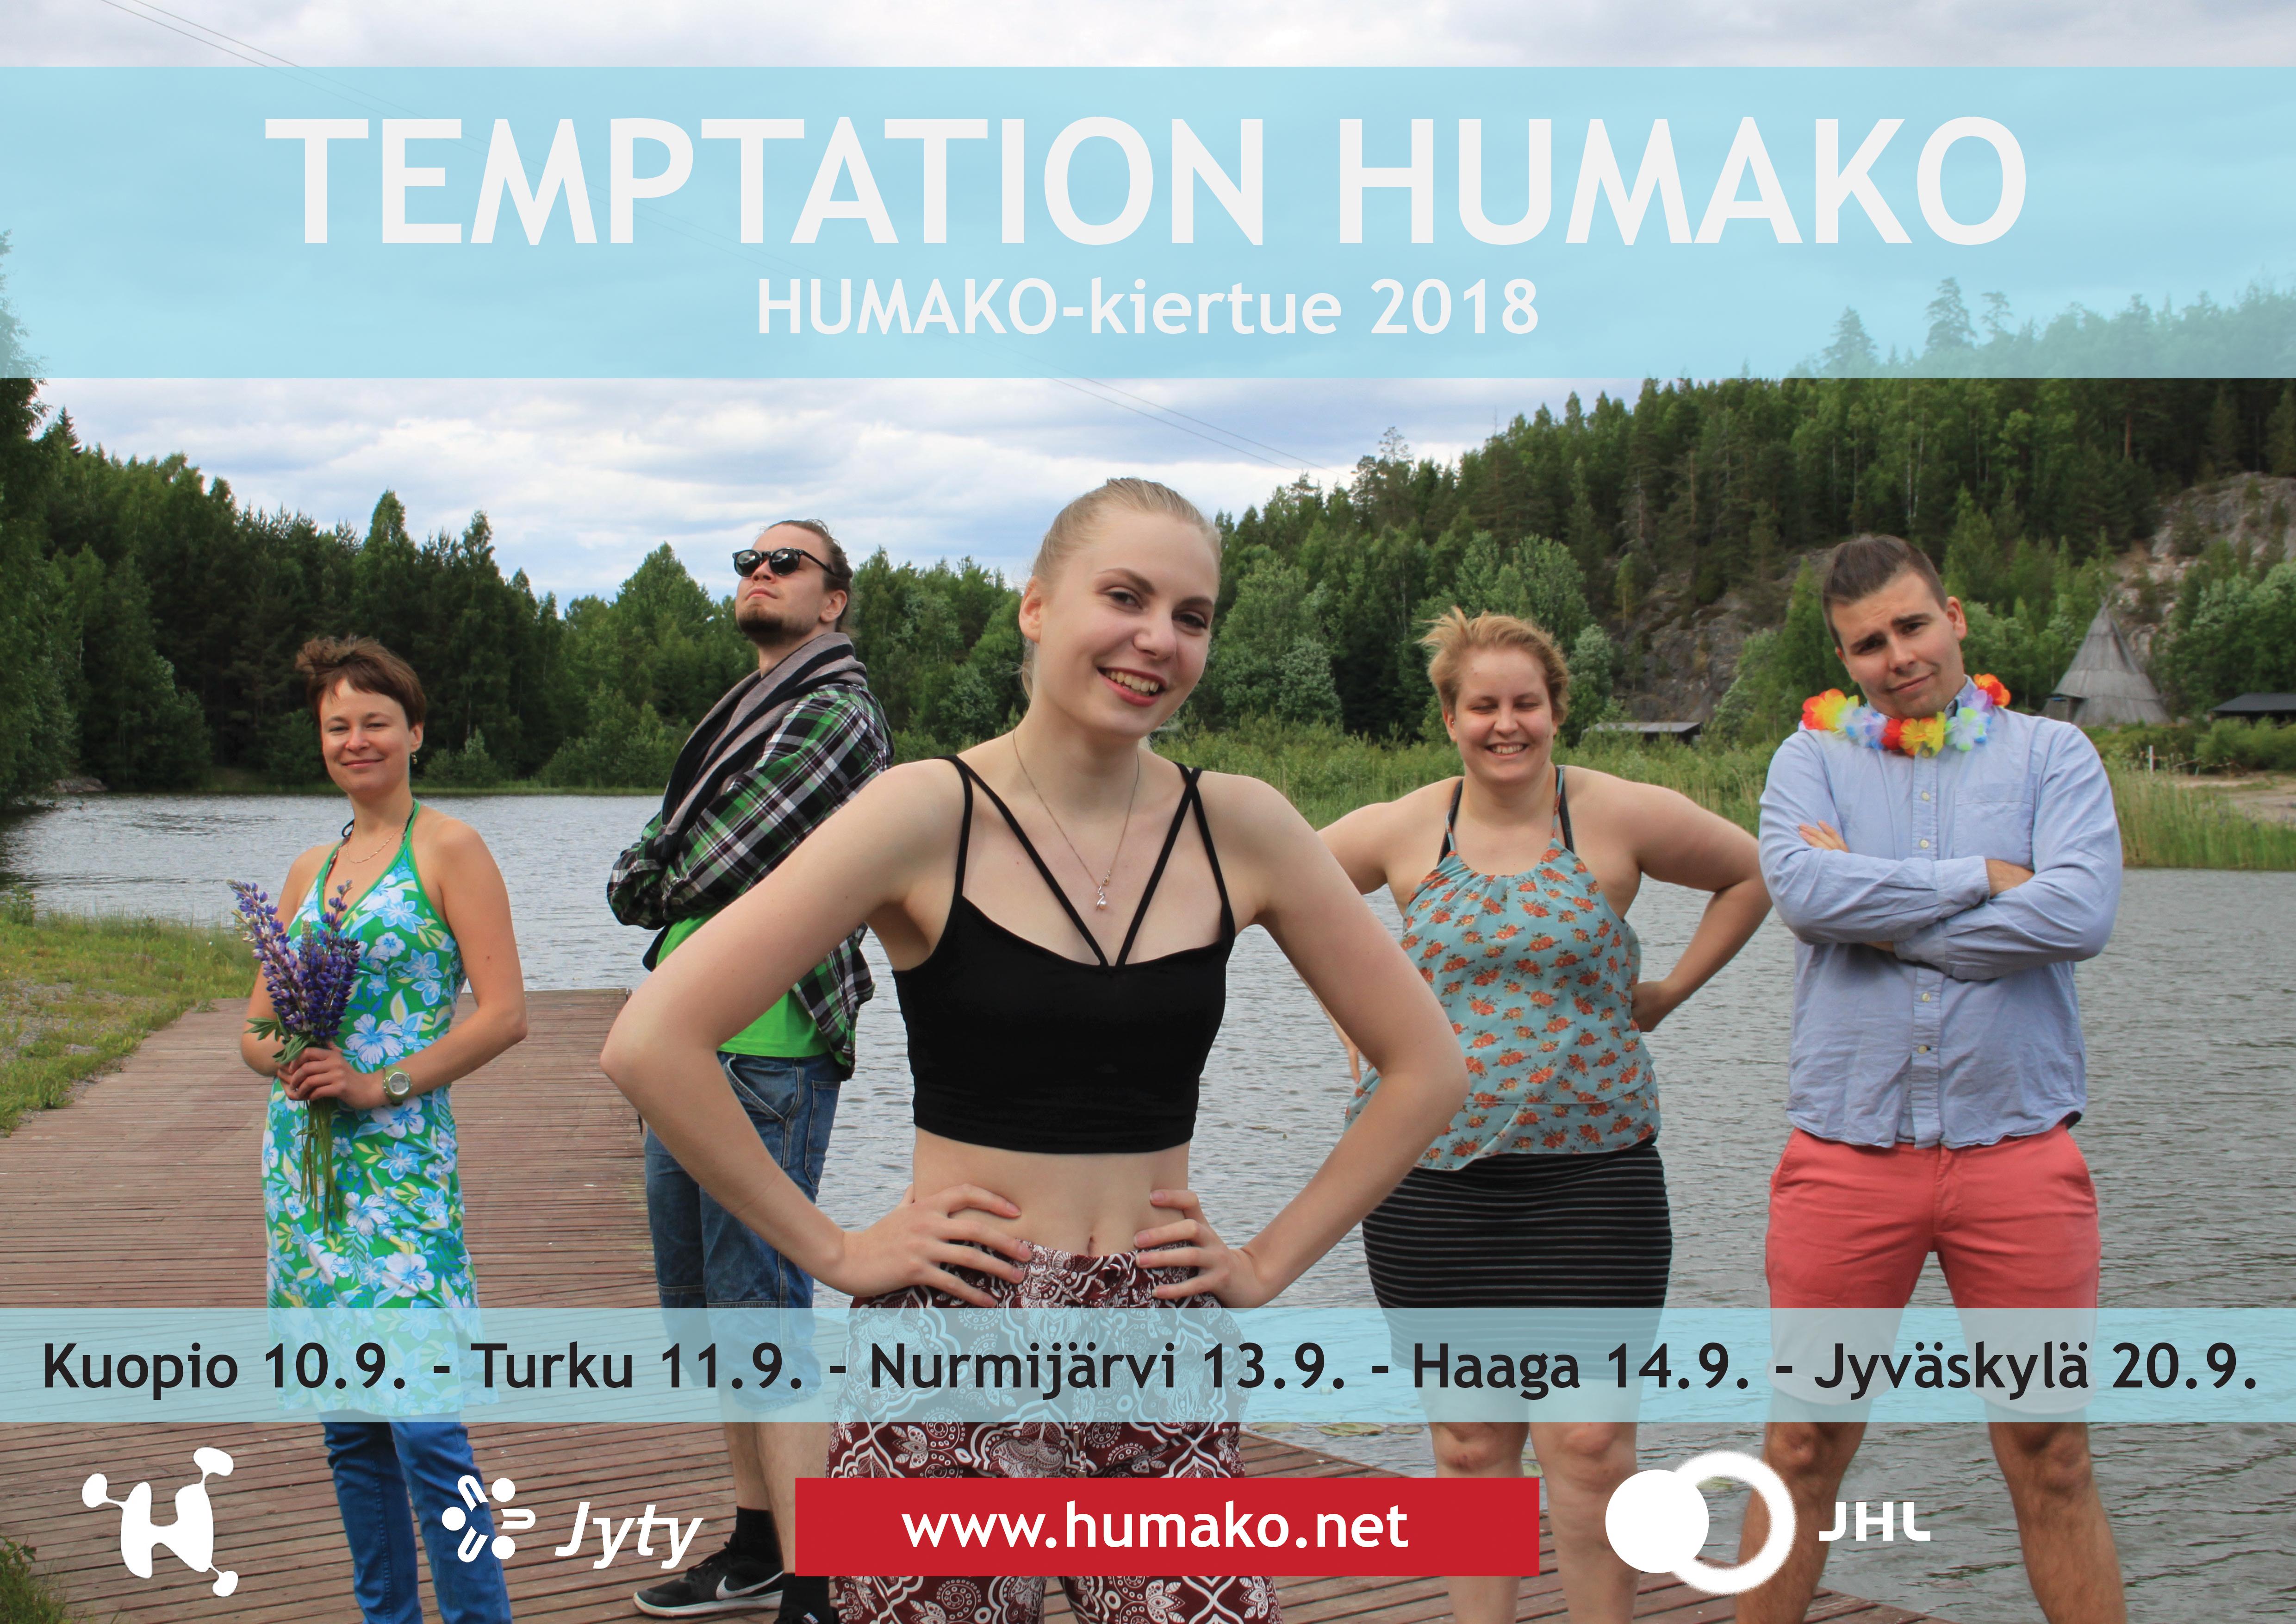 HUMAKO-kiertue 10.-20.9.